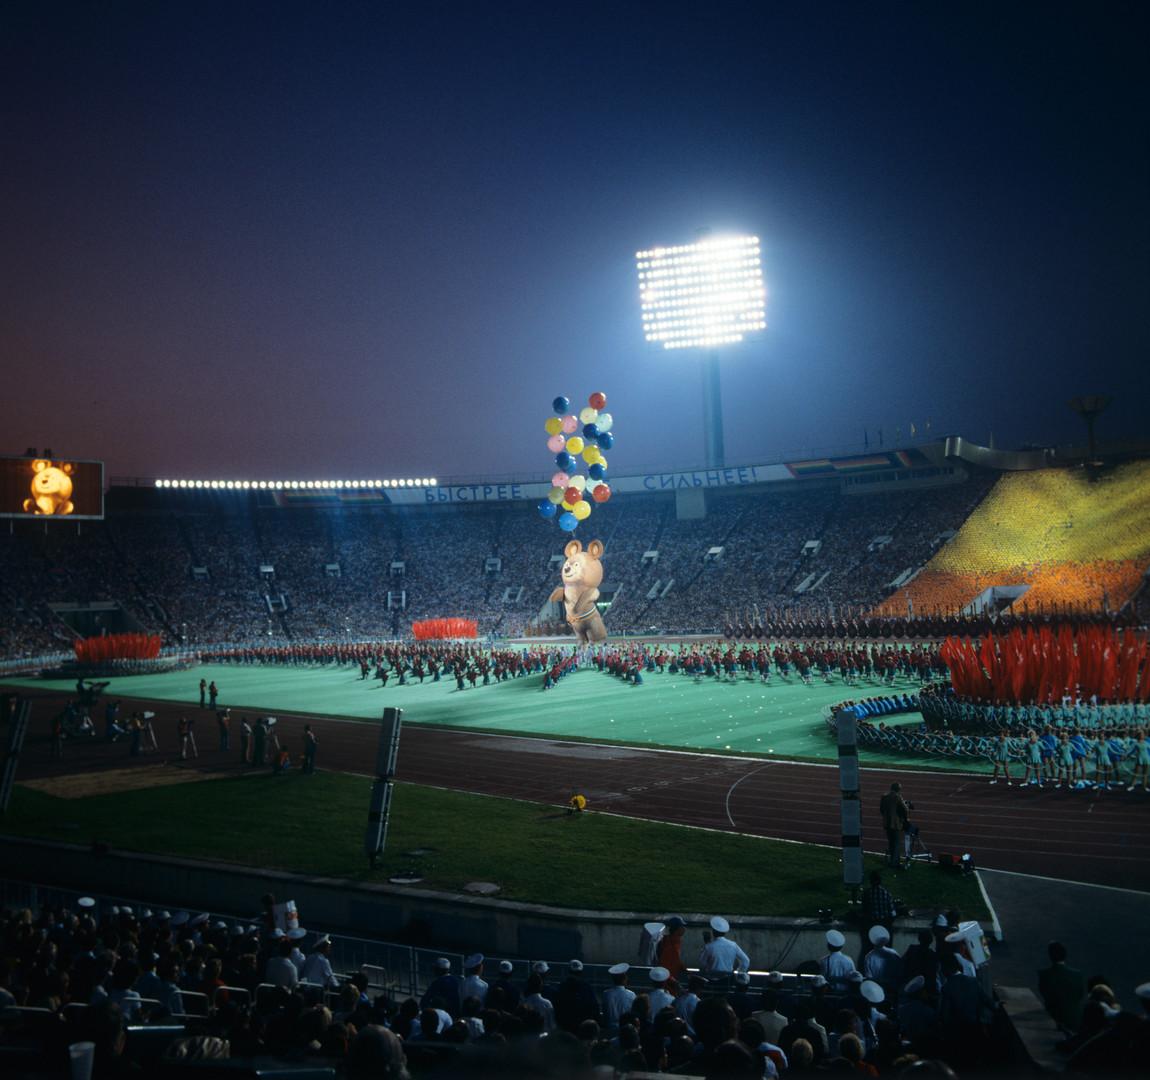 Олимпијска маскота Миша узлеће на небо на церемонији затварања Олимпијских игара у Москви.